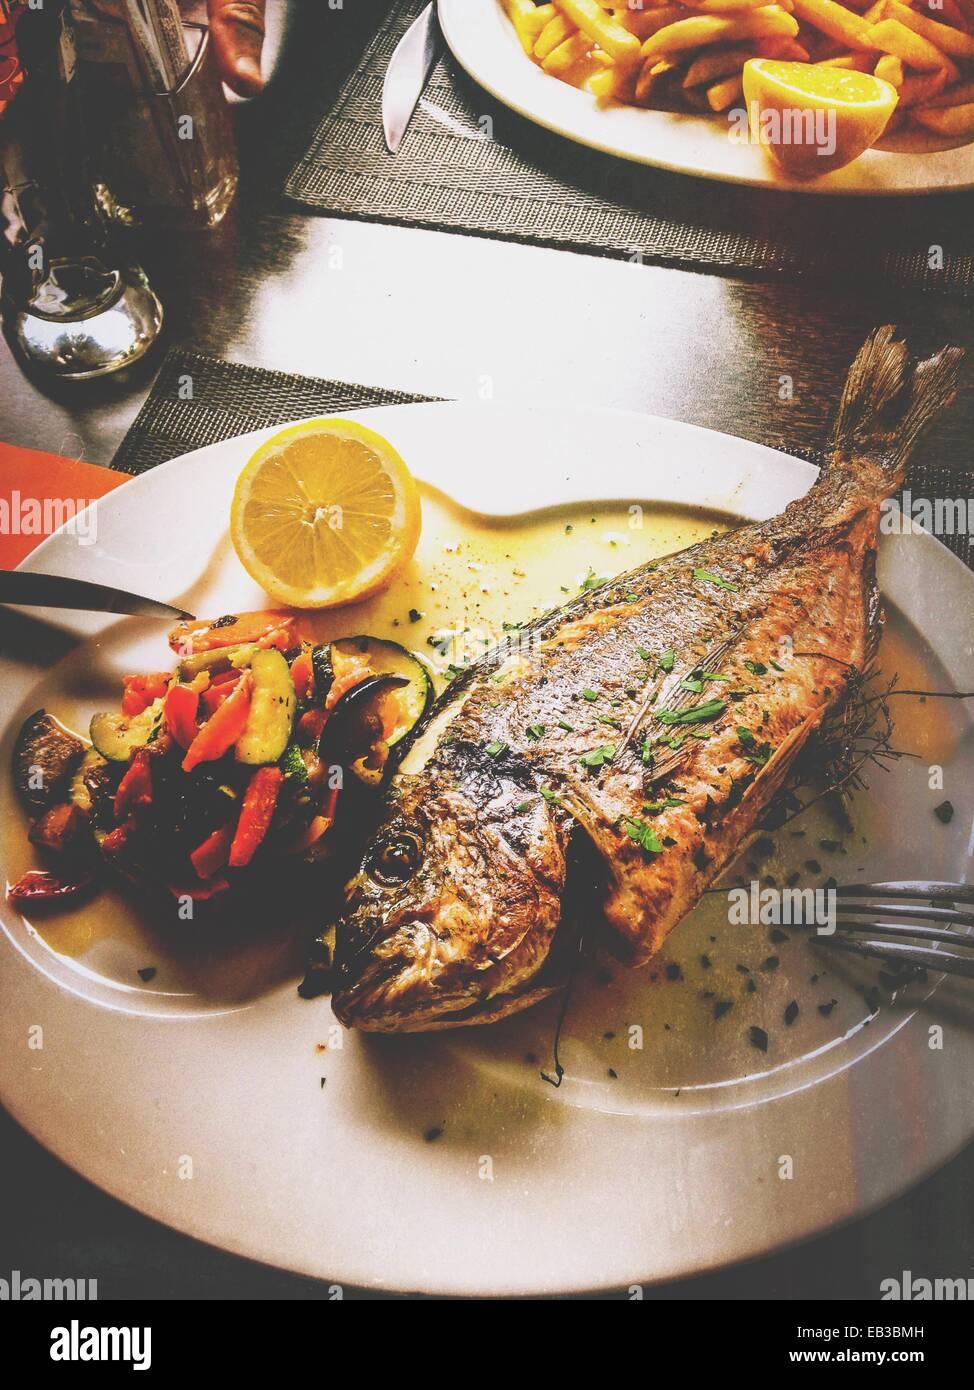 Gegrillter Fisch mit gebratenem Gemüse Stockbild